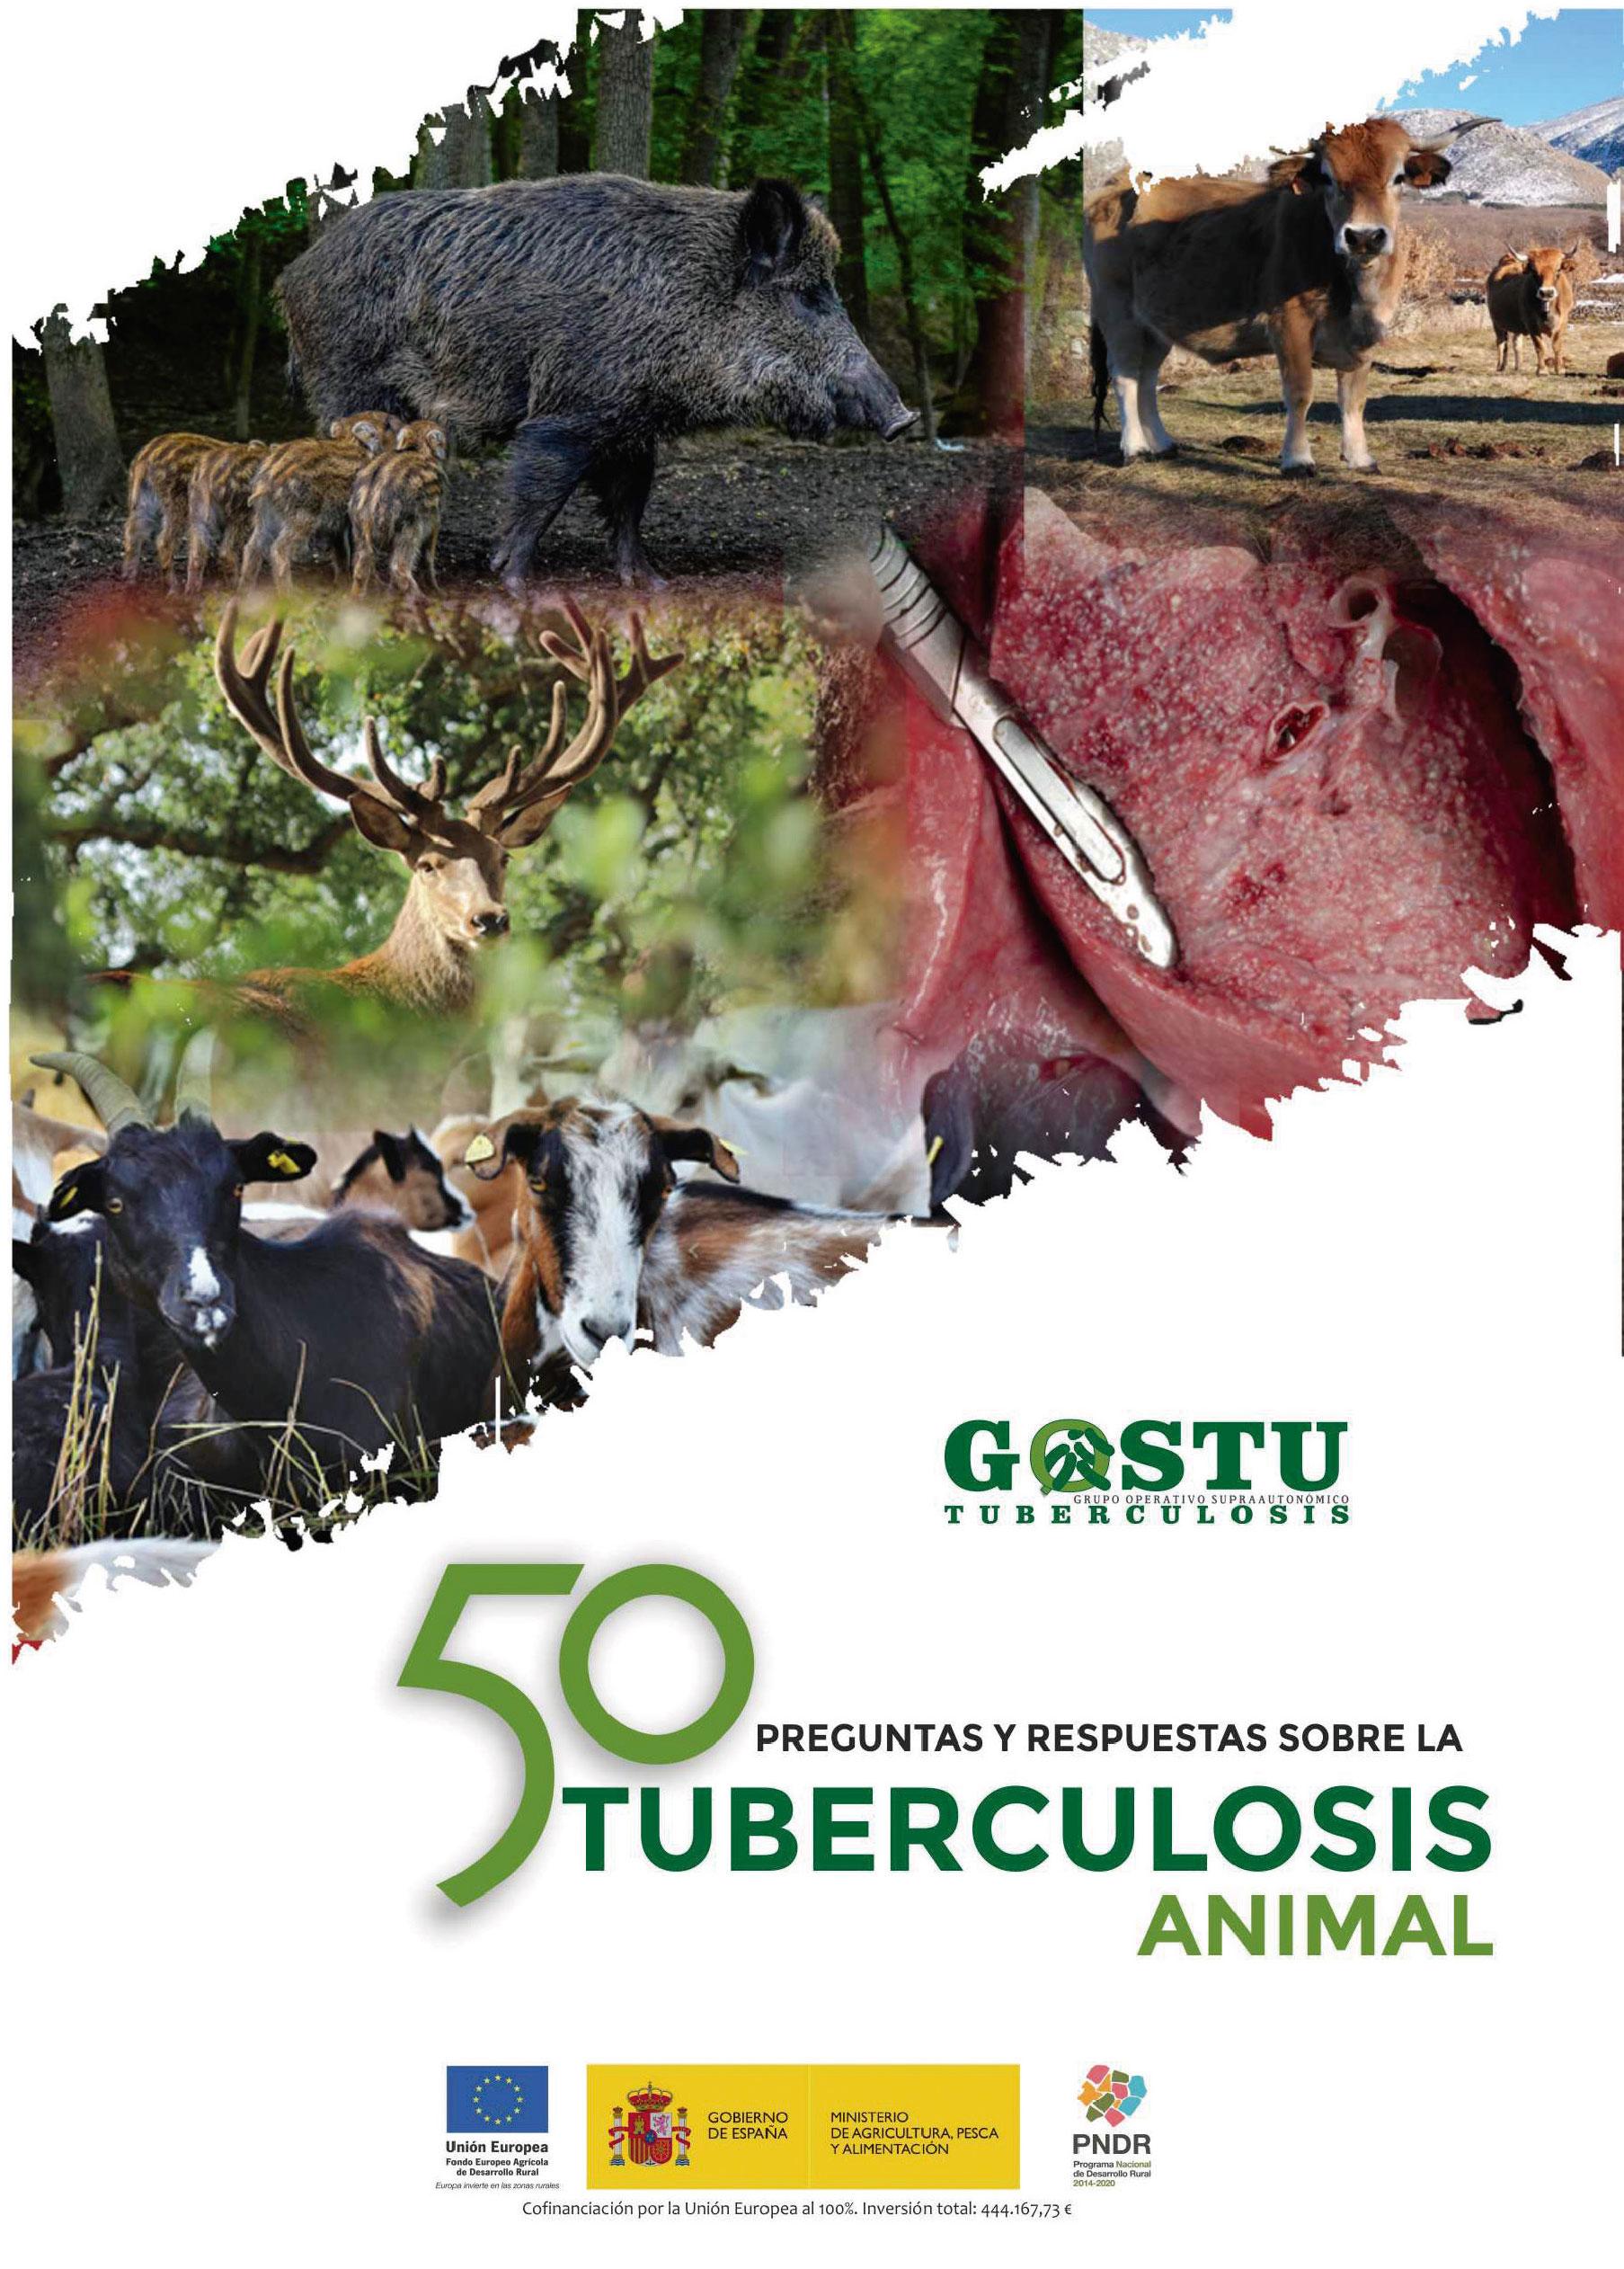 portada libro 50 preguntas tuberculosis gostu